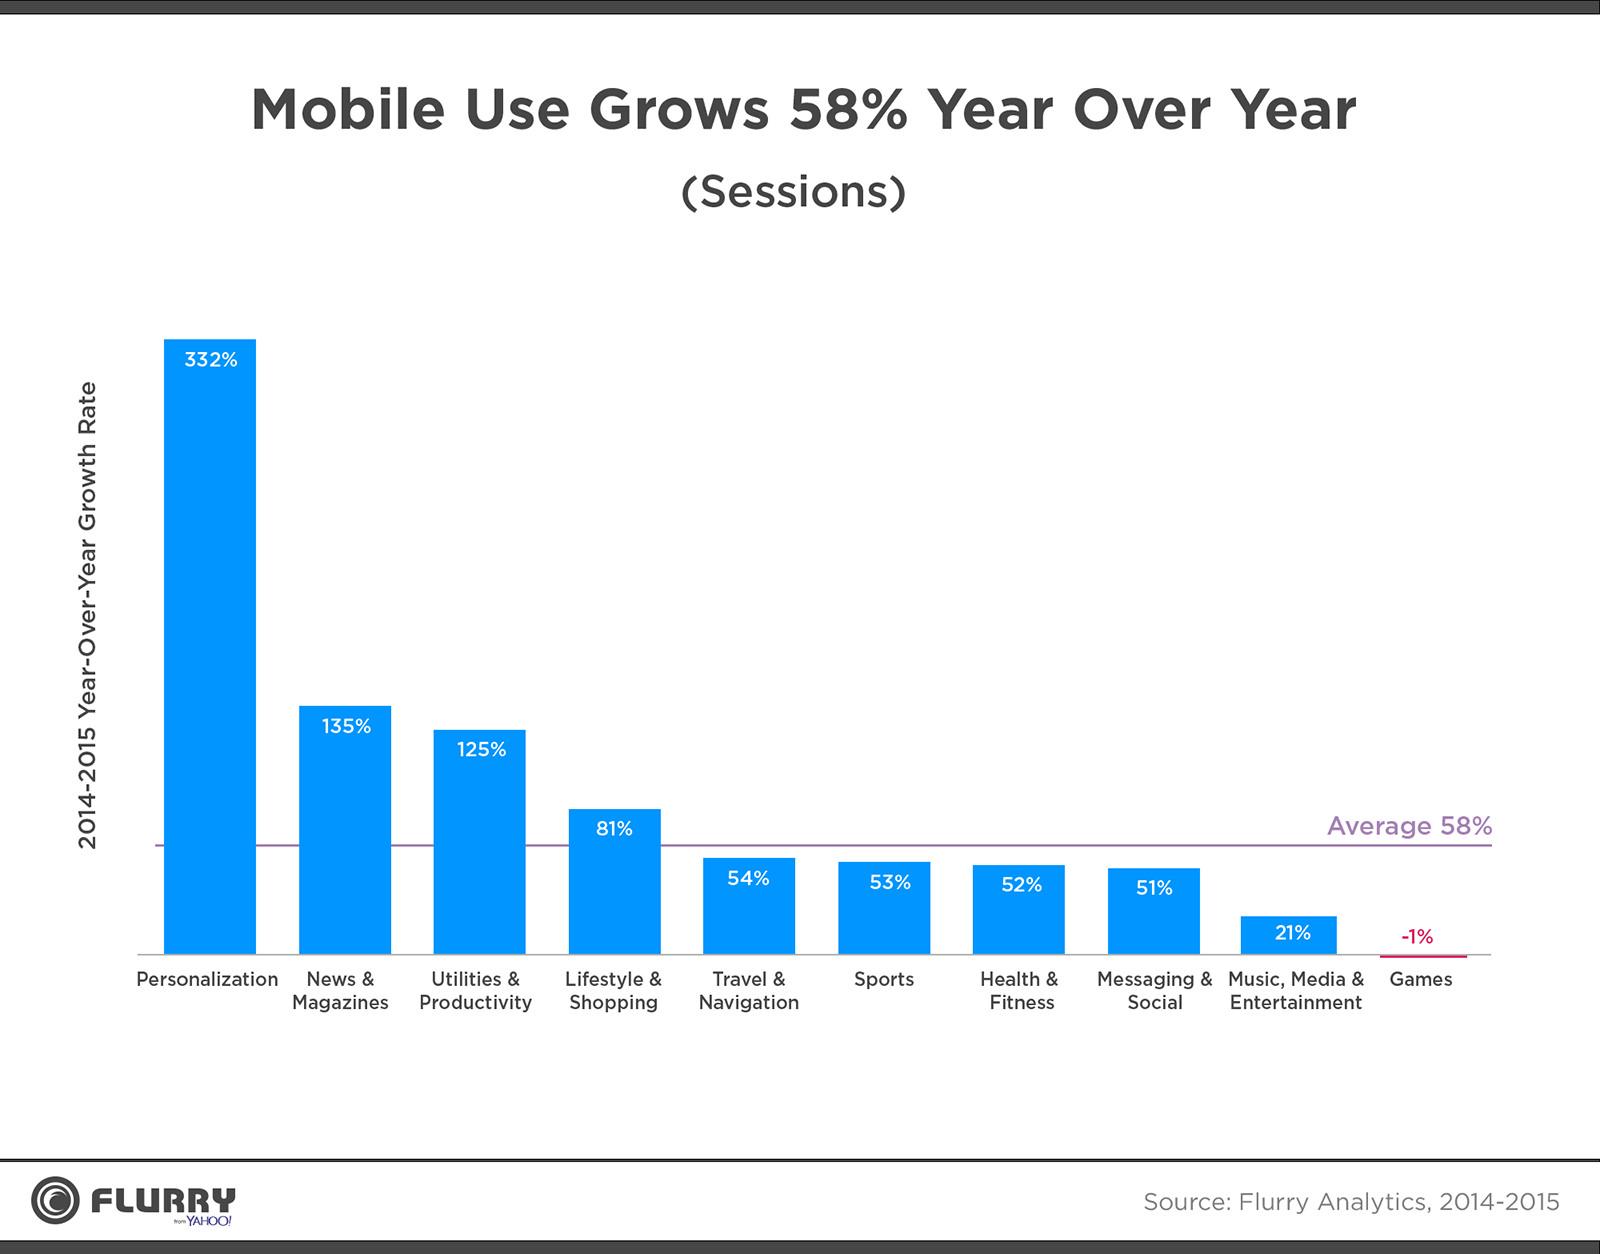 آمارهای جالب و باور نکردنی از دنیای موبایل